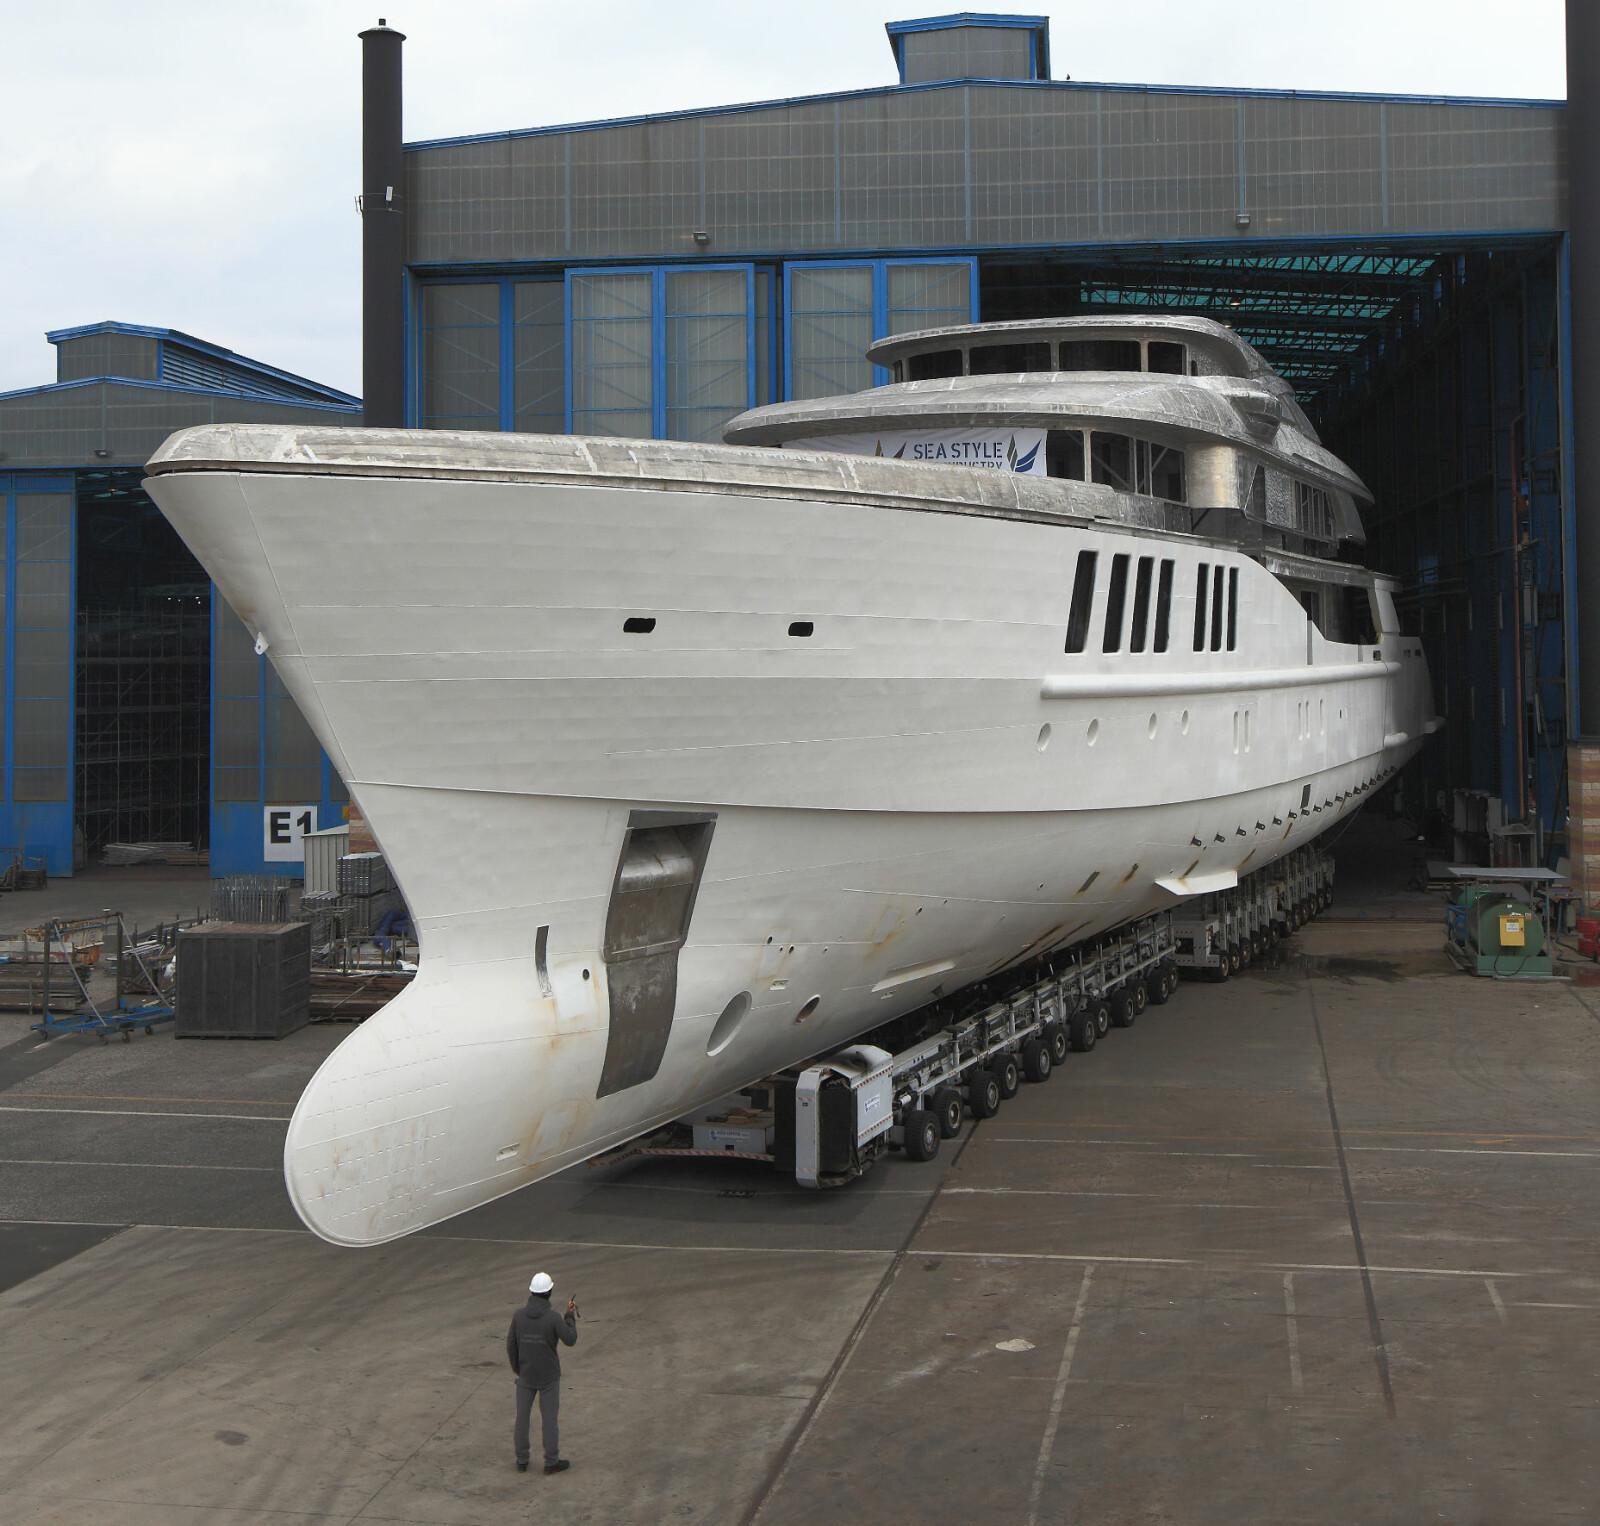 <b>STOR OG RASK:</b> Fart har vært en av prioriteringene under arbeidet, til tross for yachtens massive størrelse.